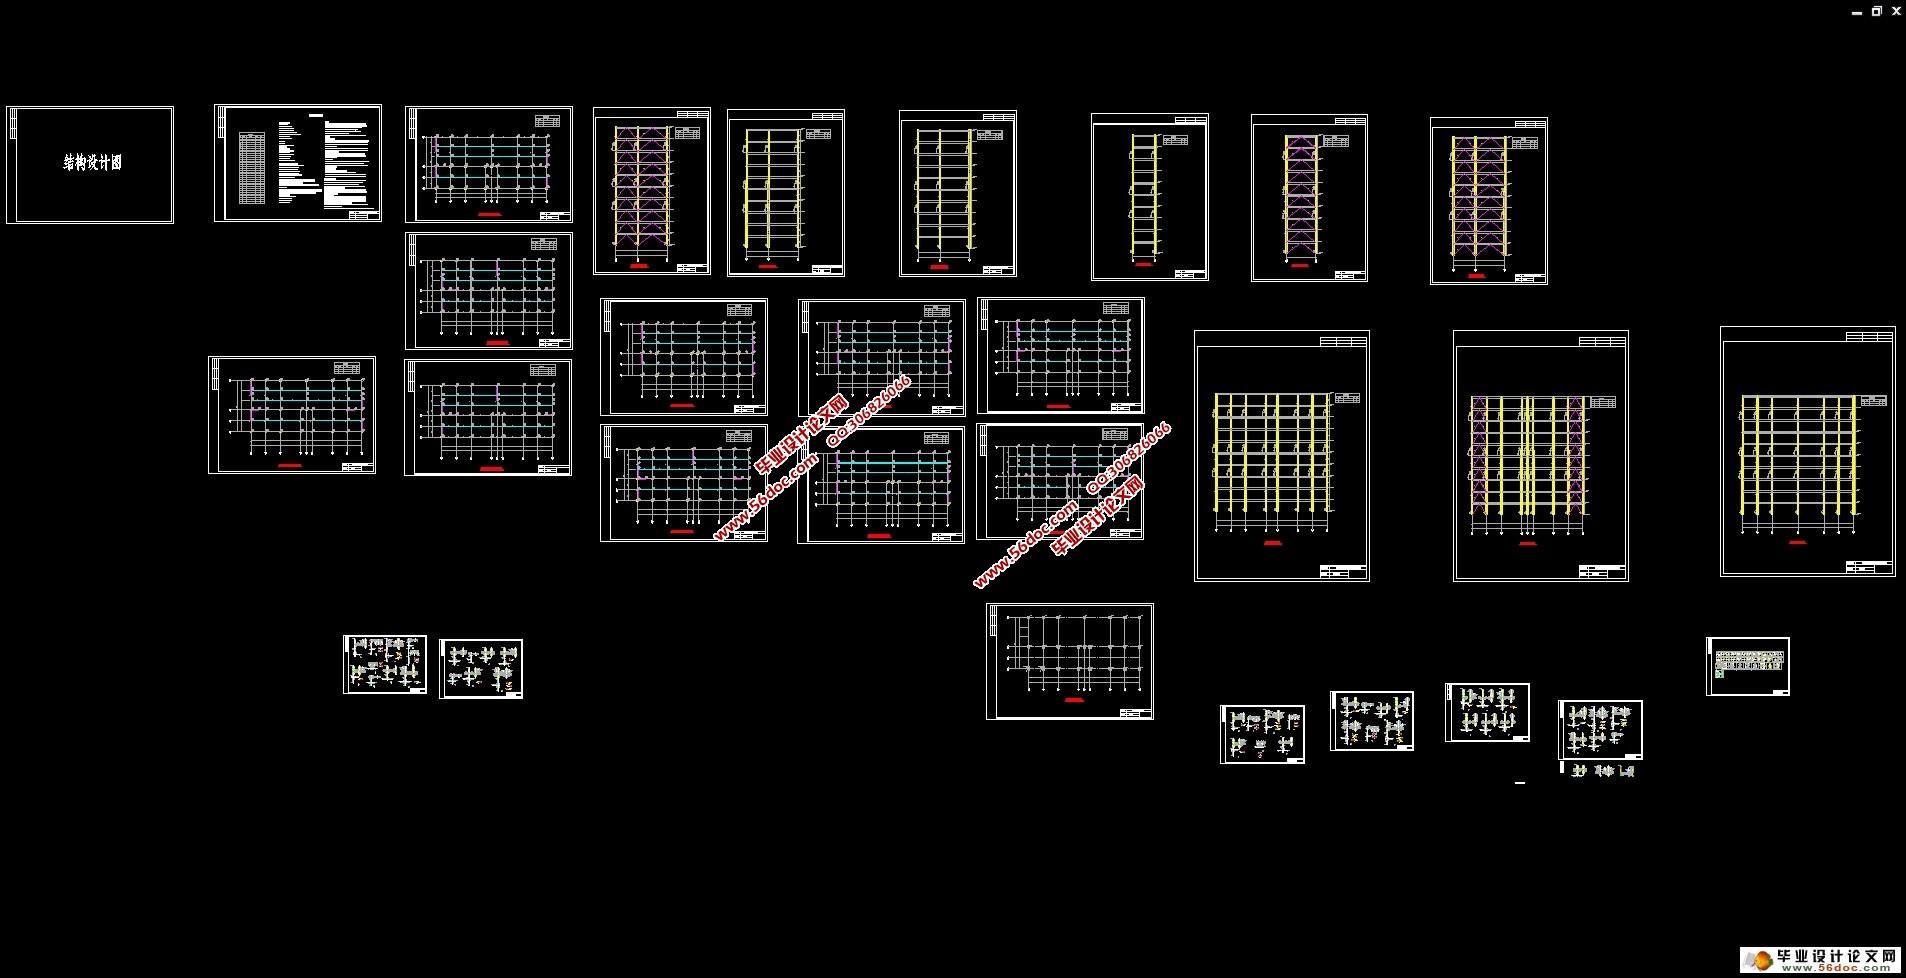 """图7张,结构图25张) 本文阐述了珠海某地区的一栋10层高钢结构住宅-""""鑫悦花园""""的设计过程,抗震设防烈度为8级。设计内容包括建筑设计、结构体系方案选择与结构设计三部分。结构体系方案主要通过比较不同方案抗震性能确定。结构设计包括手算设计楼板以及一品框架的竖向内力作用、地震作用以及风荷载作用,配合电算进行构件截面设计、节点设计以及施工图的绘制等。此外,还提出了一些关于钢结构住宅发展的问题。 工程概况 工程名称:鑫悦花园 建设地点:珠海市区某地; 场地概况:场地大小为30m&times"""